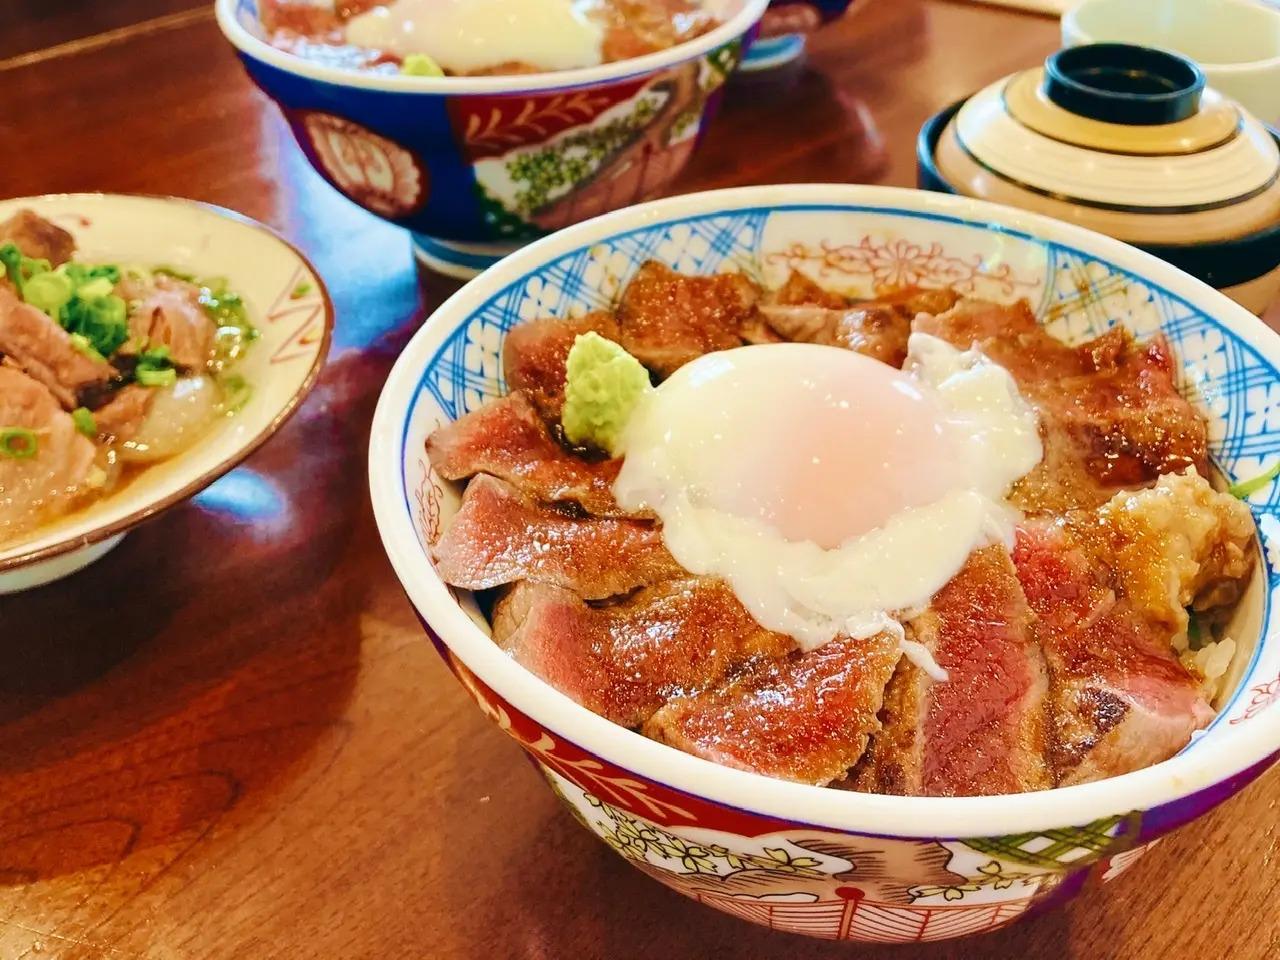 熊本県のお食事処『いまきん食堂』の「あか牛丼 」